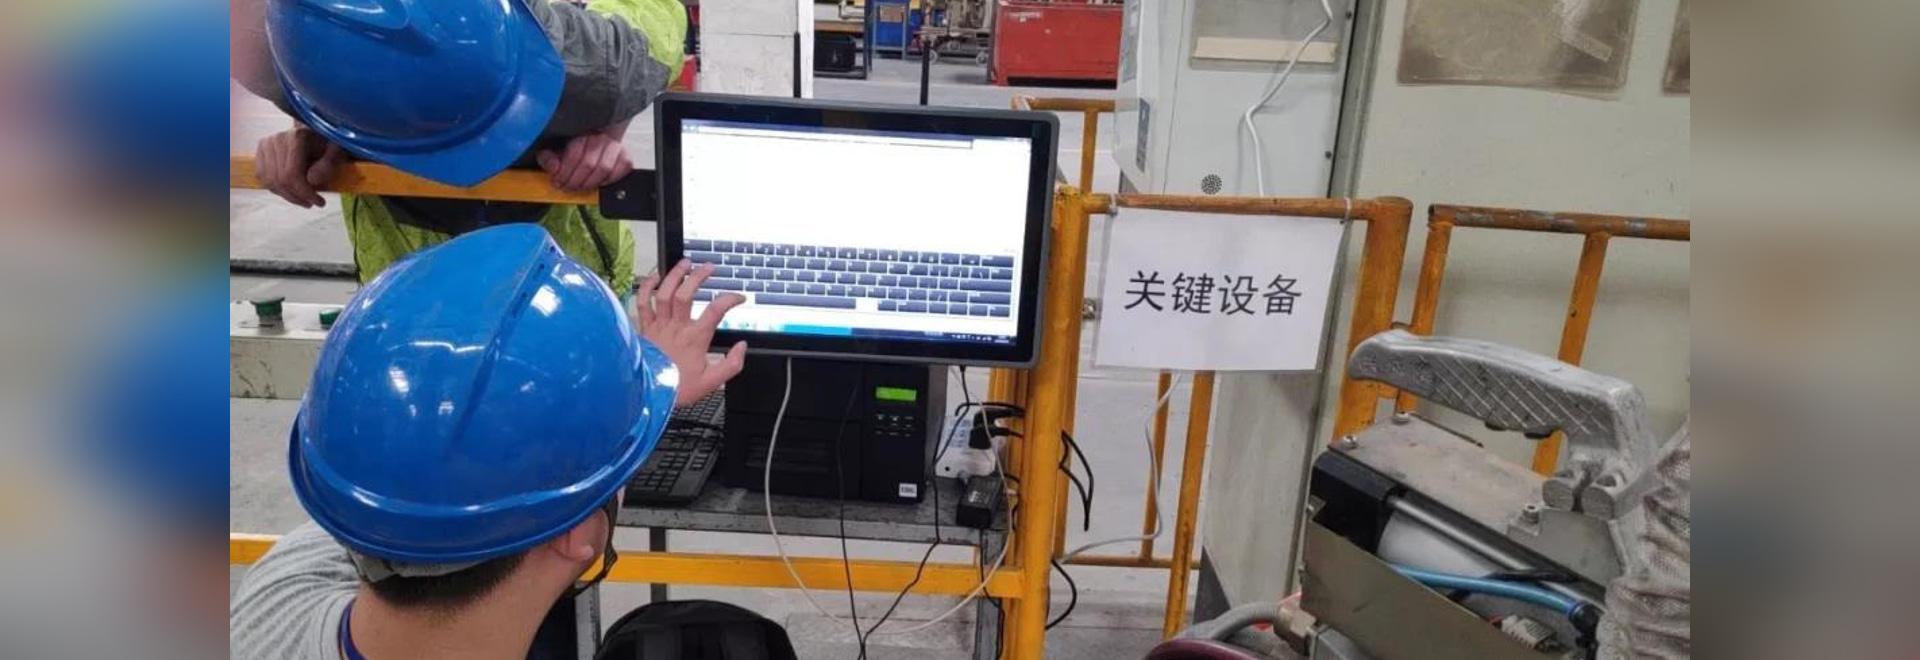 El Panel Industrial PC de Darveen adoptado en el sistema MES de la industria de fabricación de vehículos